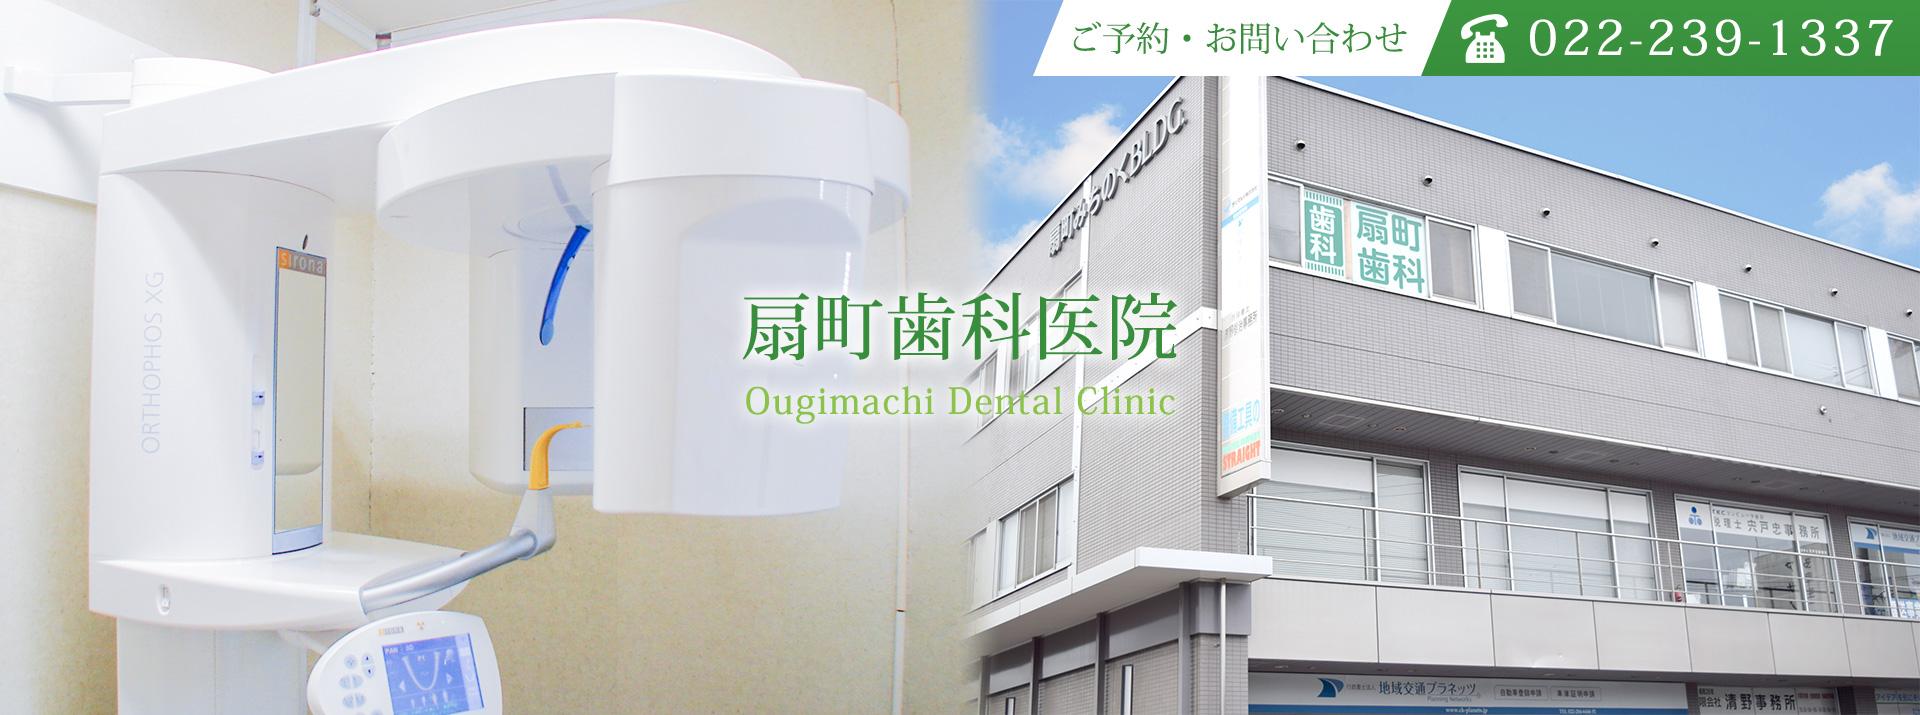 仙台市宮城野区扇町にある歯医者 扇町歯科医院です。